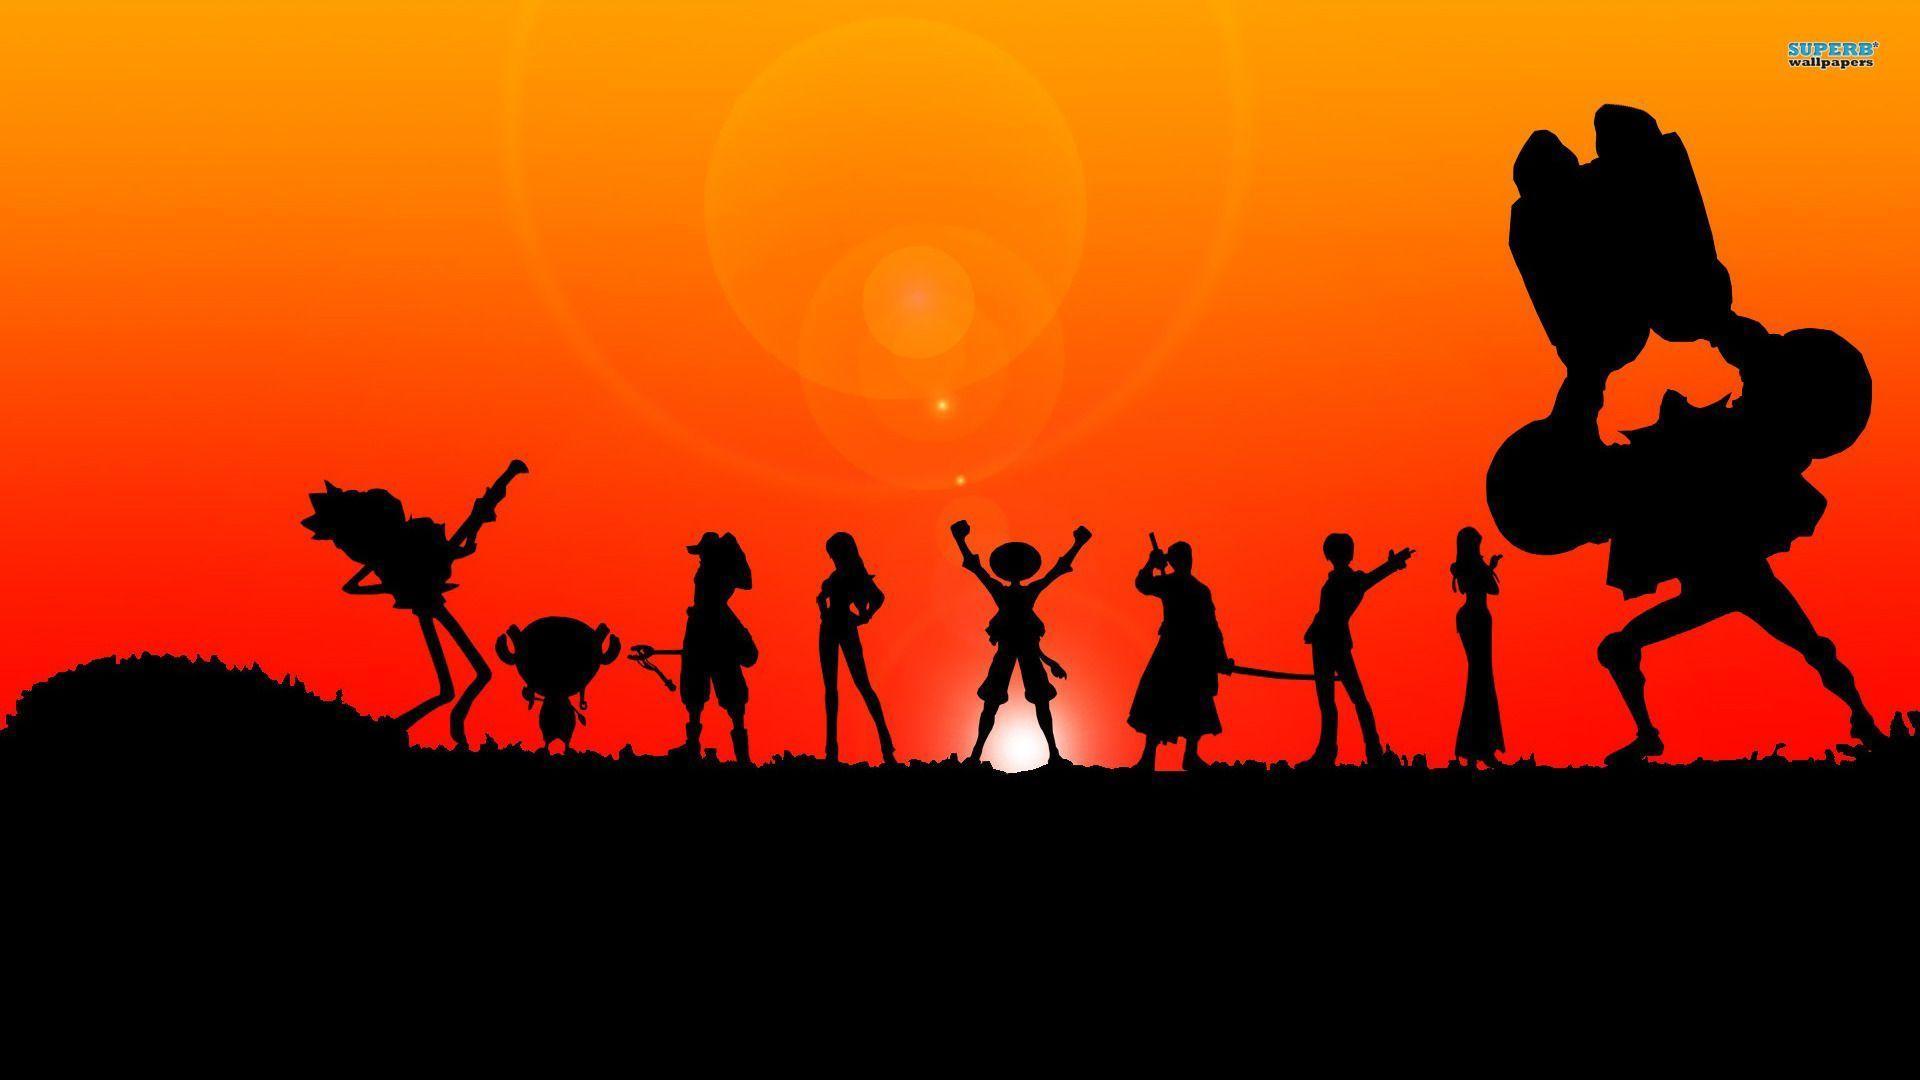 Hình nền Luffy